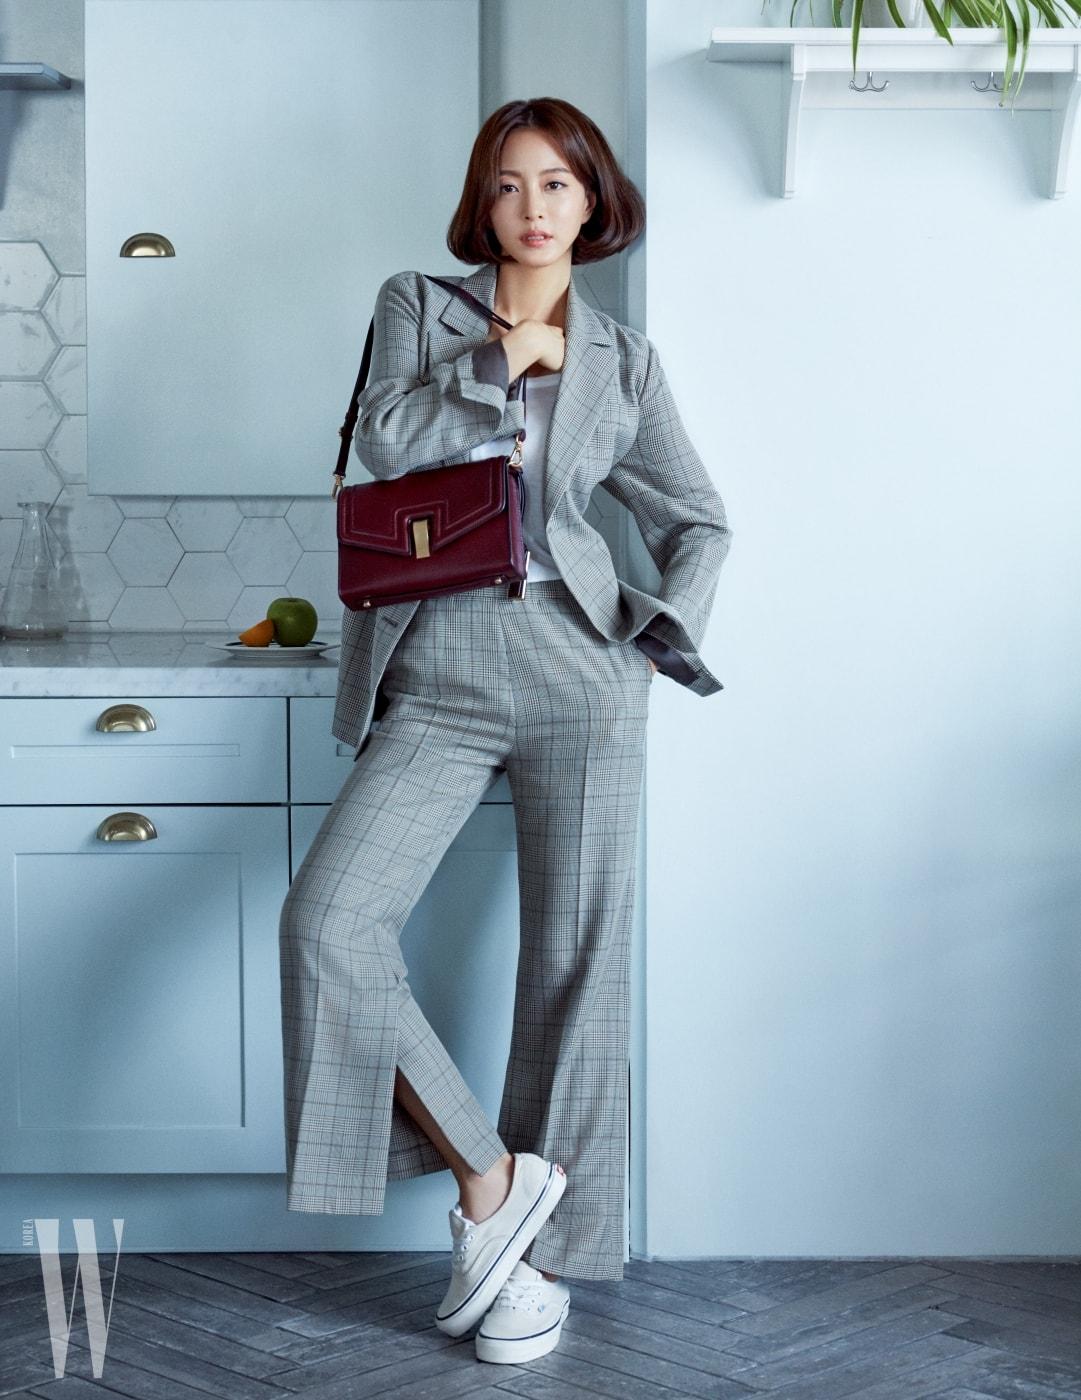 클래식한 무드가 묻어나는 '나오미' 백은 Joy Gryson 제품. 클래식한 체크 패턴의 재킷과 팬츠는 모두 Raive, 다양한 룩에 매치하기 좋은 스니커즈는 Vans 제품. 화이트 티셔츠는 스타일리스트 소장품